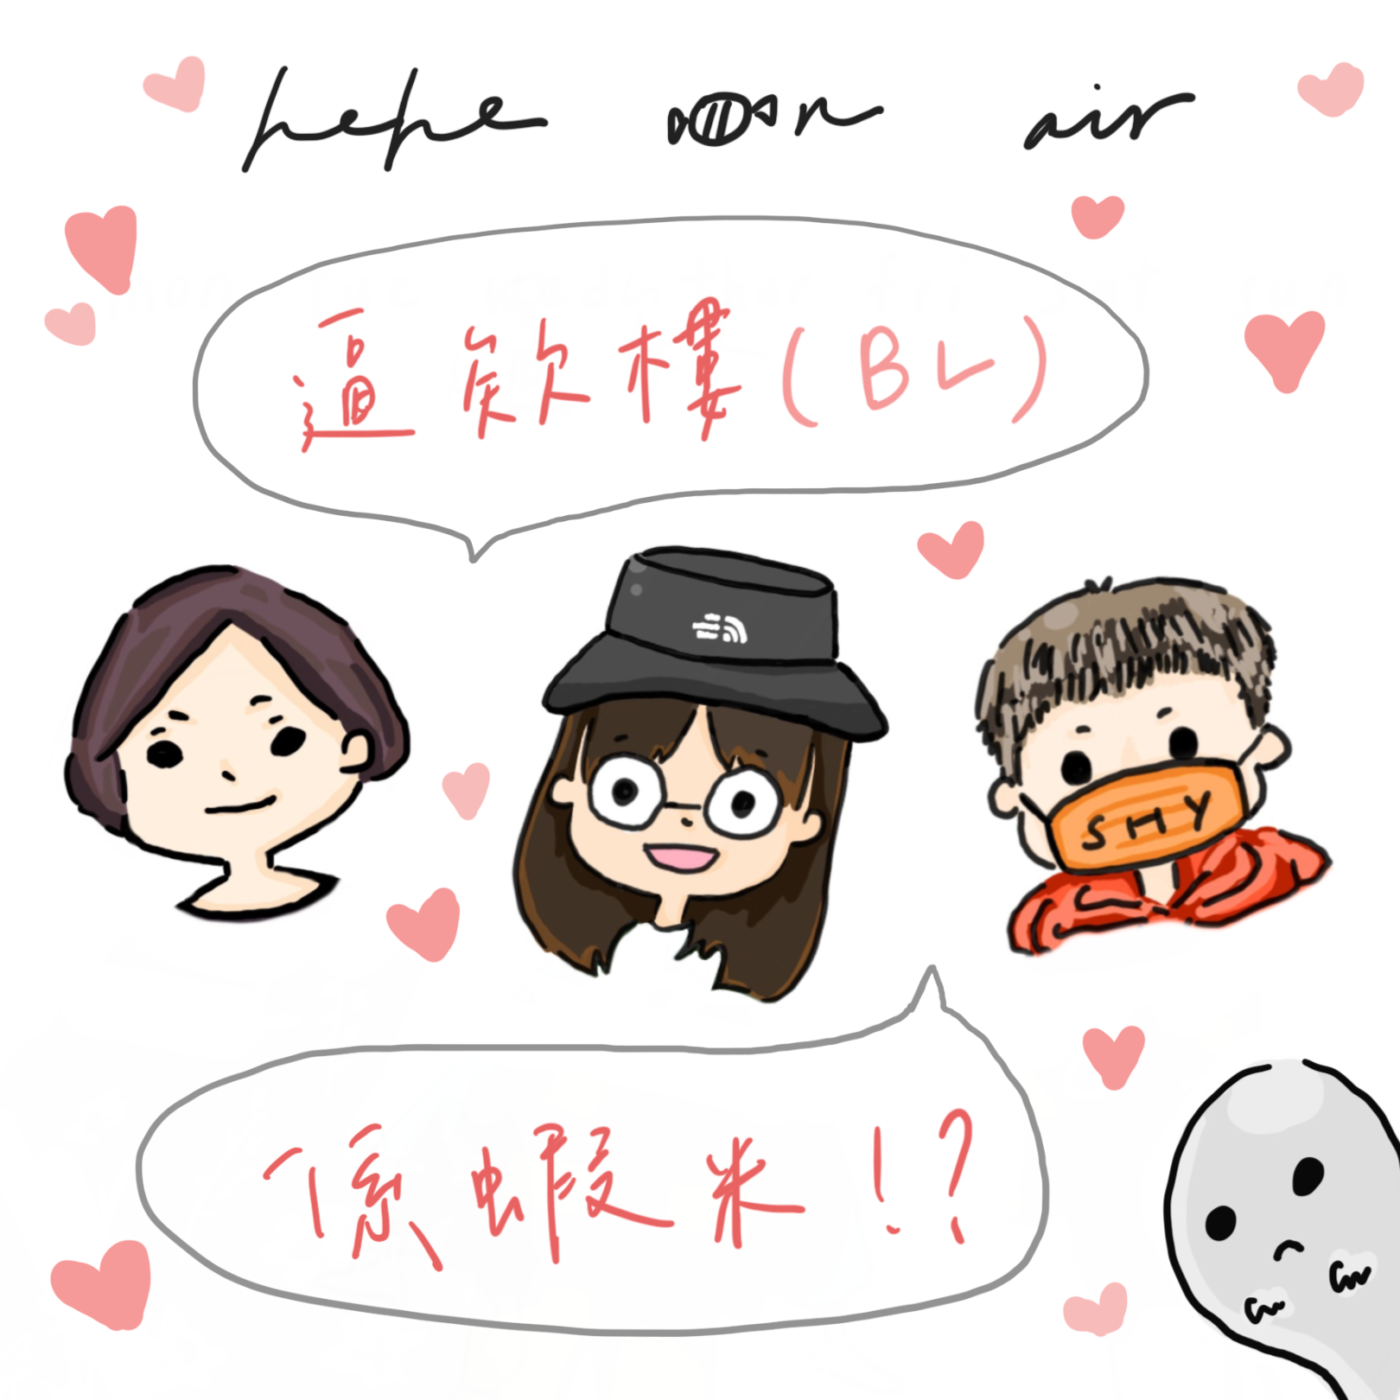 逼欸樓係蝦米|HeHe On Air